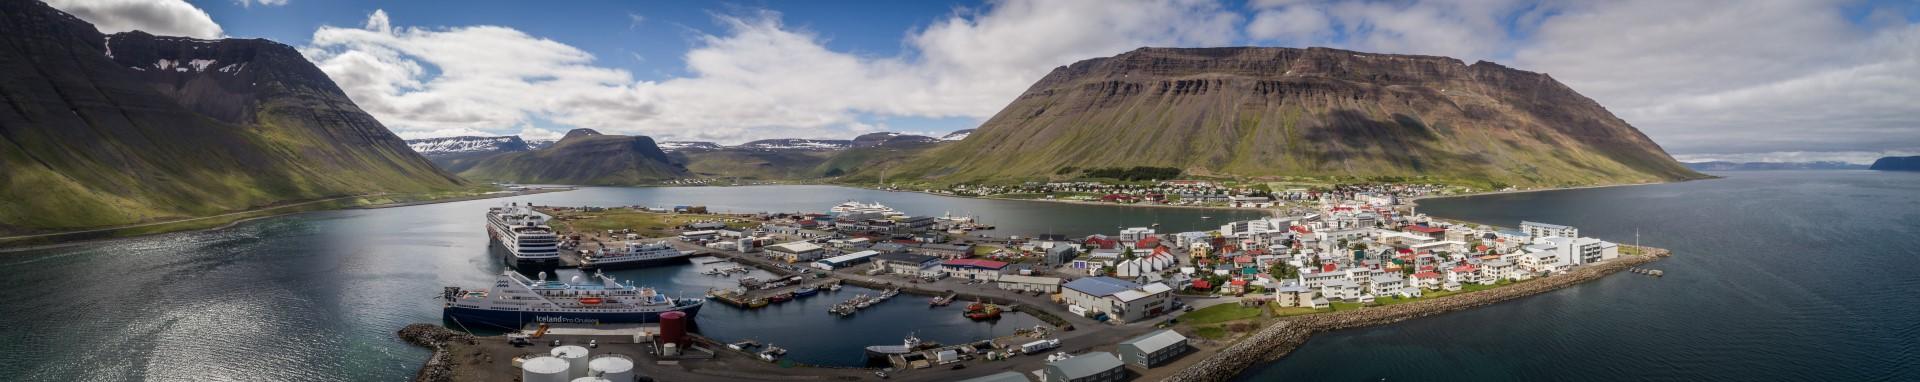 Ísafjörður, Pano